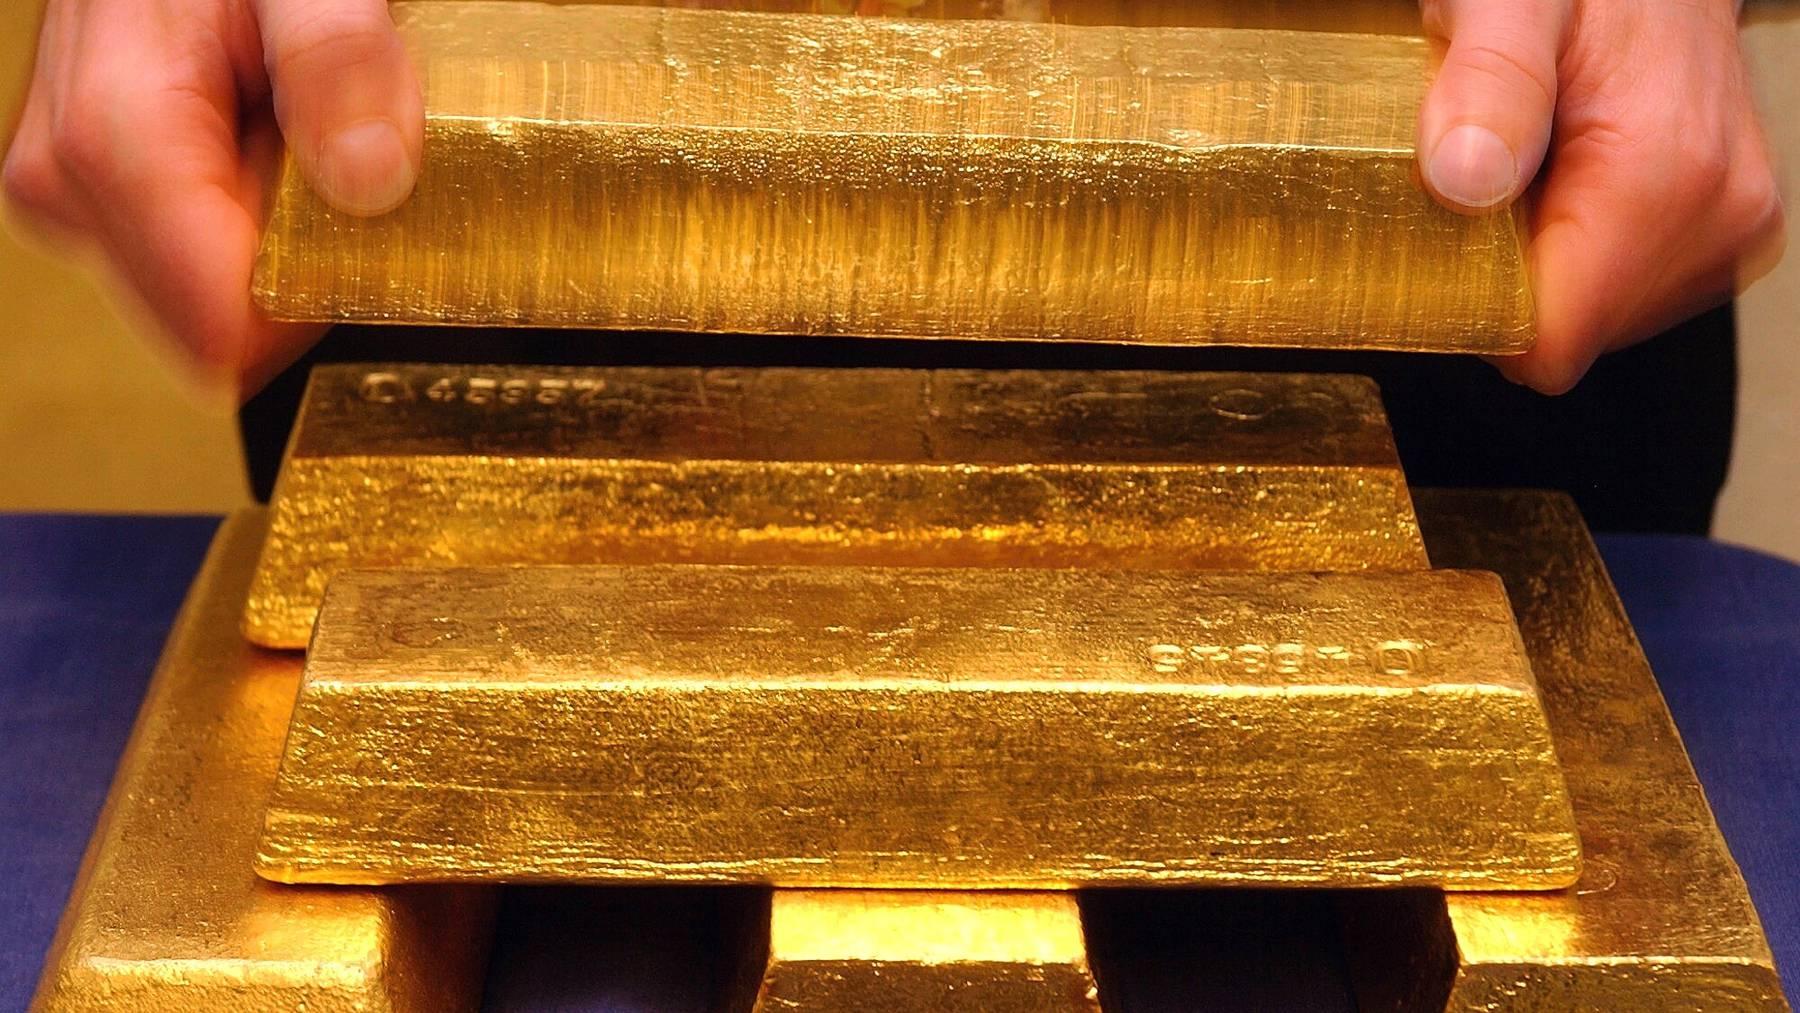 299 Unzen Gold wollte ein Deutscher im Januar 2014 von seinem Konto abheben. Damals entsprach dies einem Wert von rund 350'000 Franken. (Symbolbild)